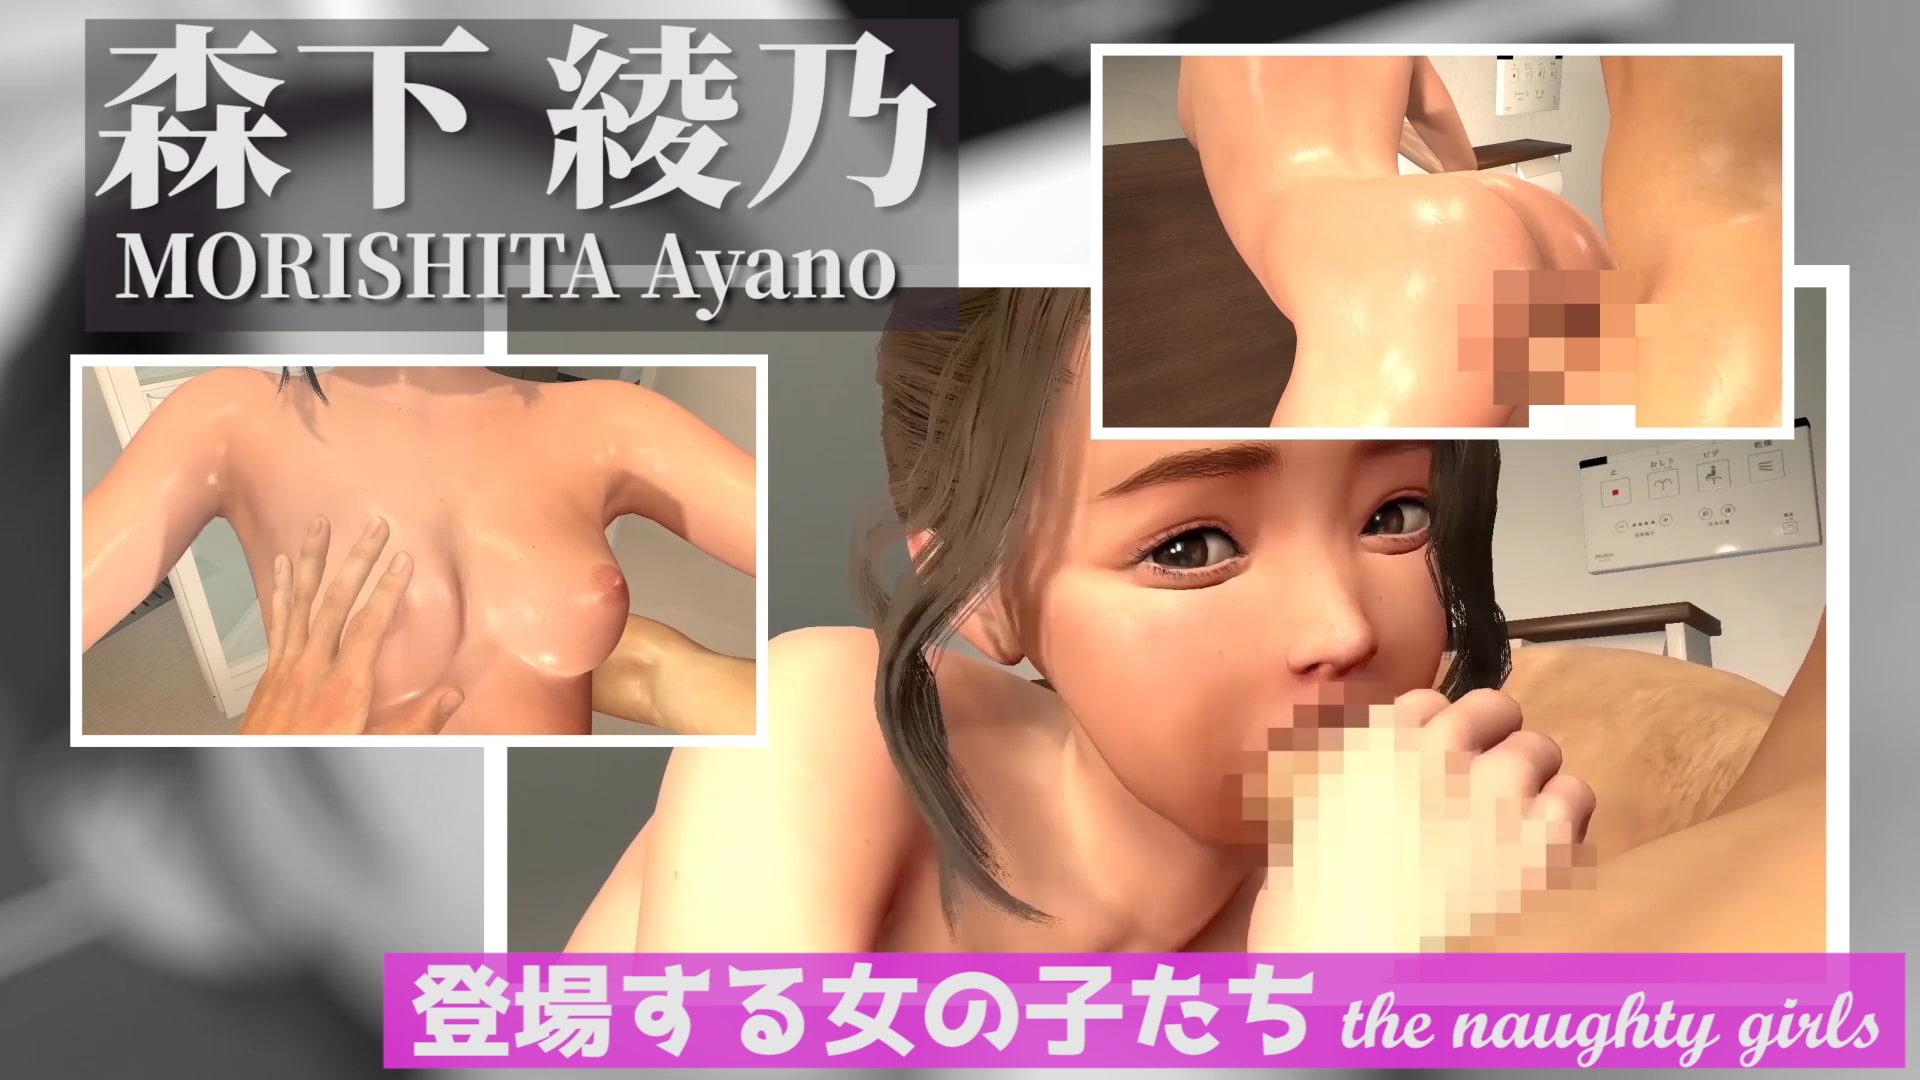 とんがりミルクのムフフ動画15本セット 第2弾 (Set of 15 videos of the Japanese naughty girls, Vol. 2) [とんがりミルク]